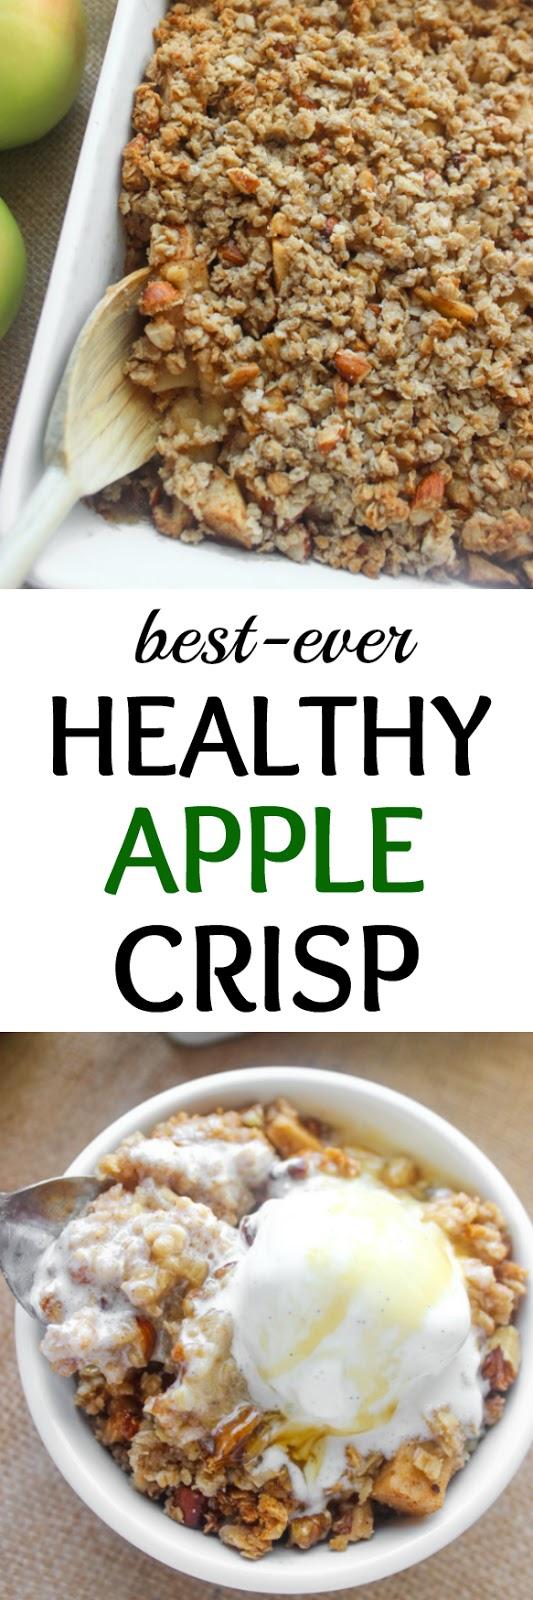 BEST - EVER HEALTHY APPLE CRISP